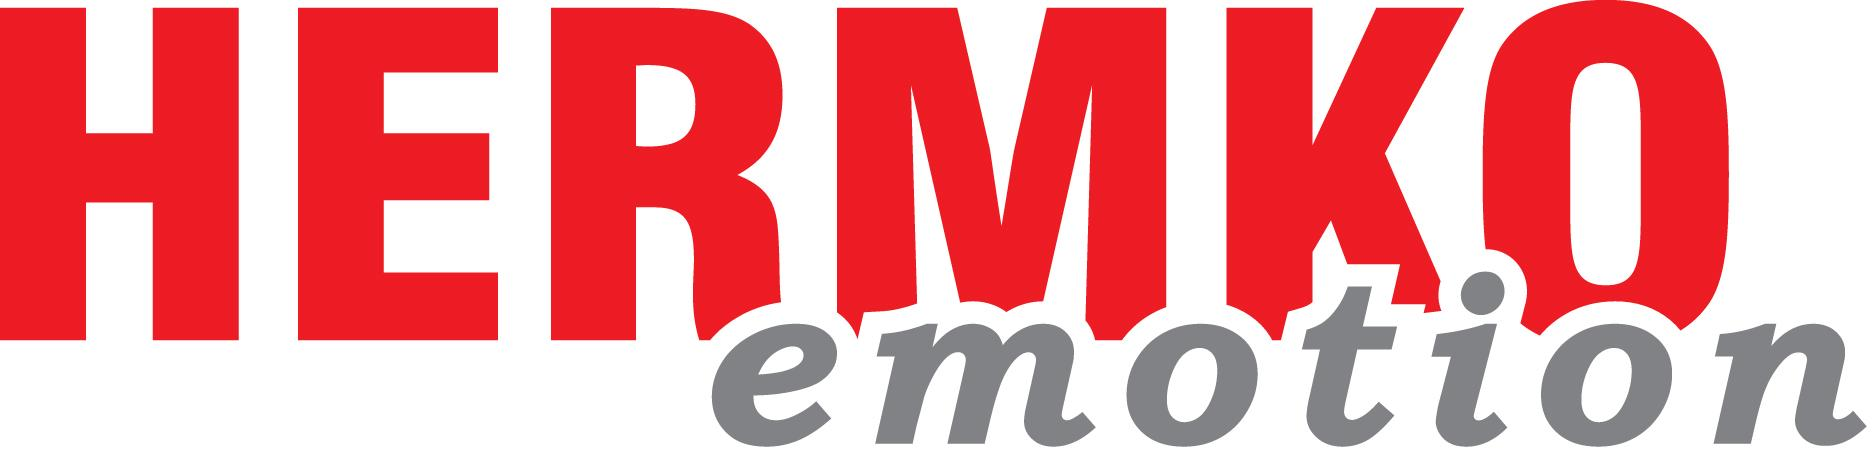 hermko.de- Logo - Bewertungen